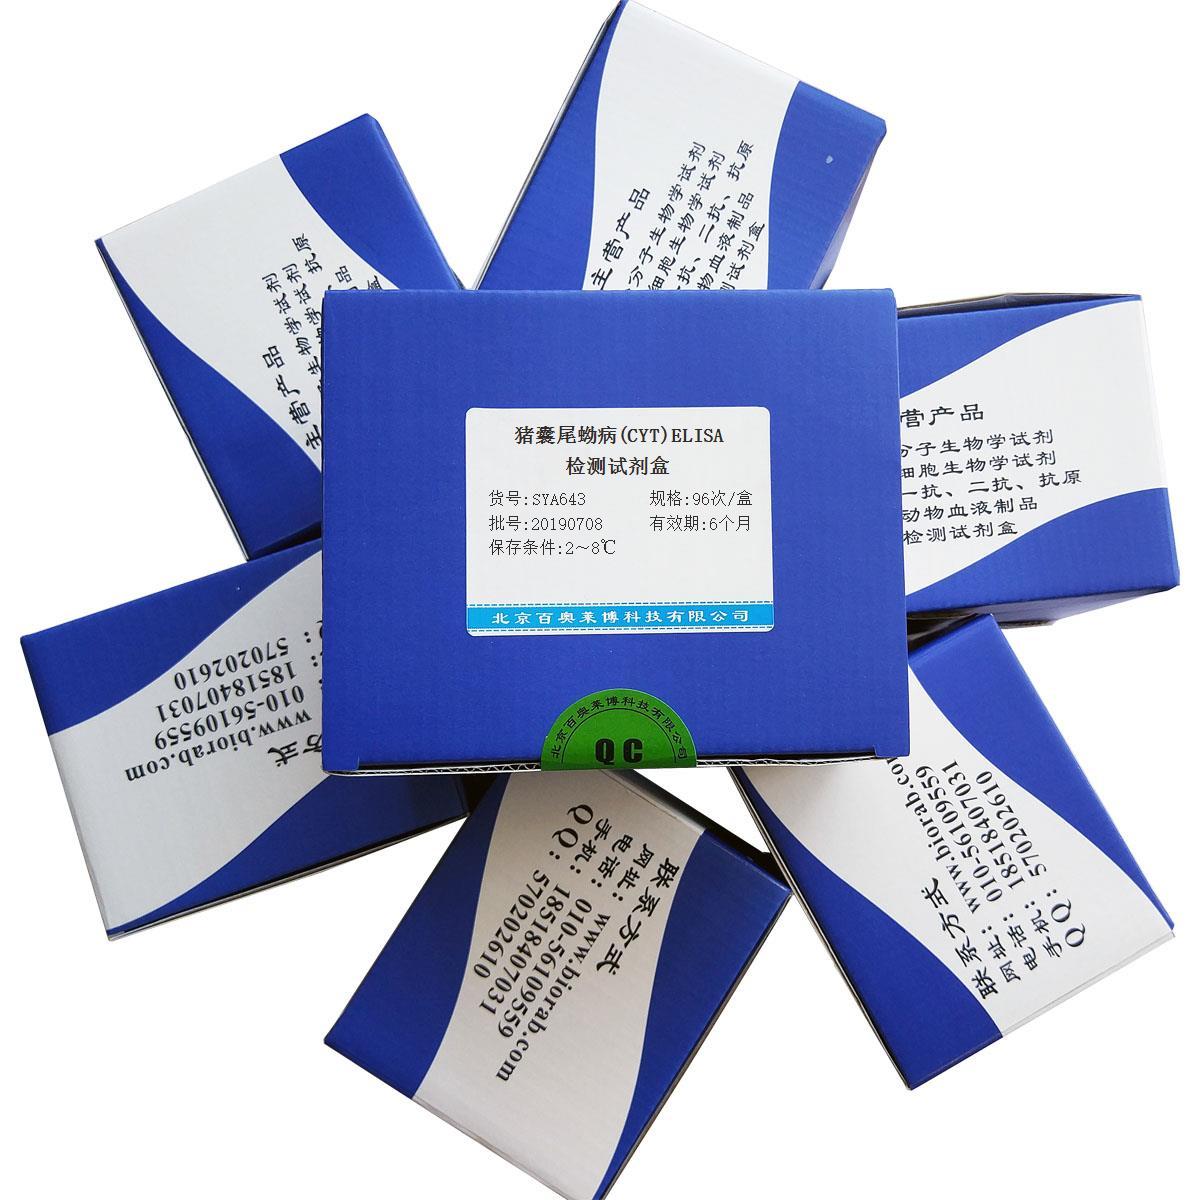 猪囊尾蚴病(CYT)ELISA检测试剂盒